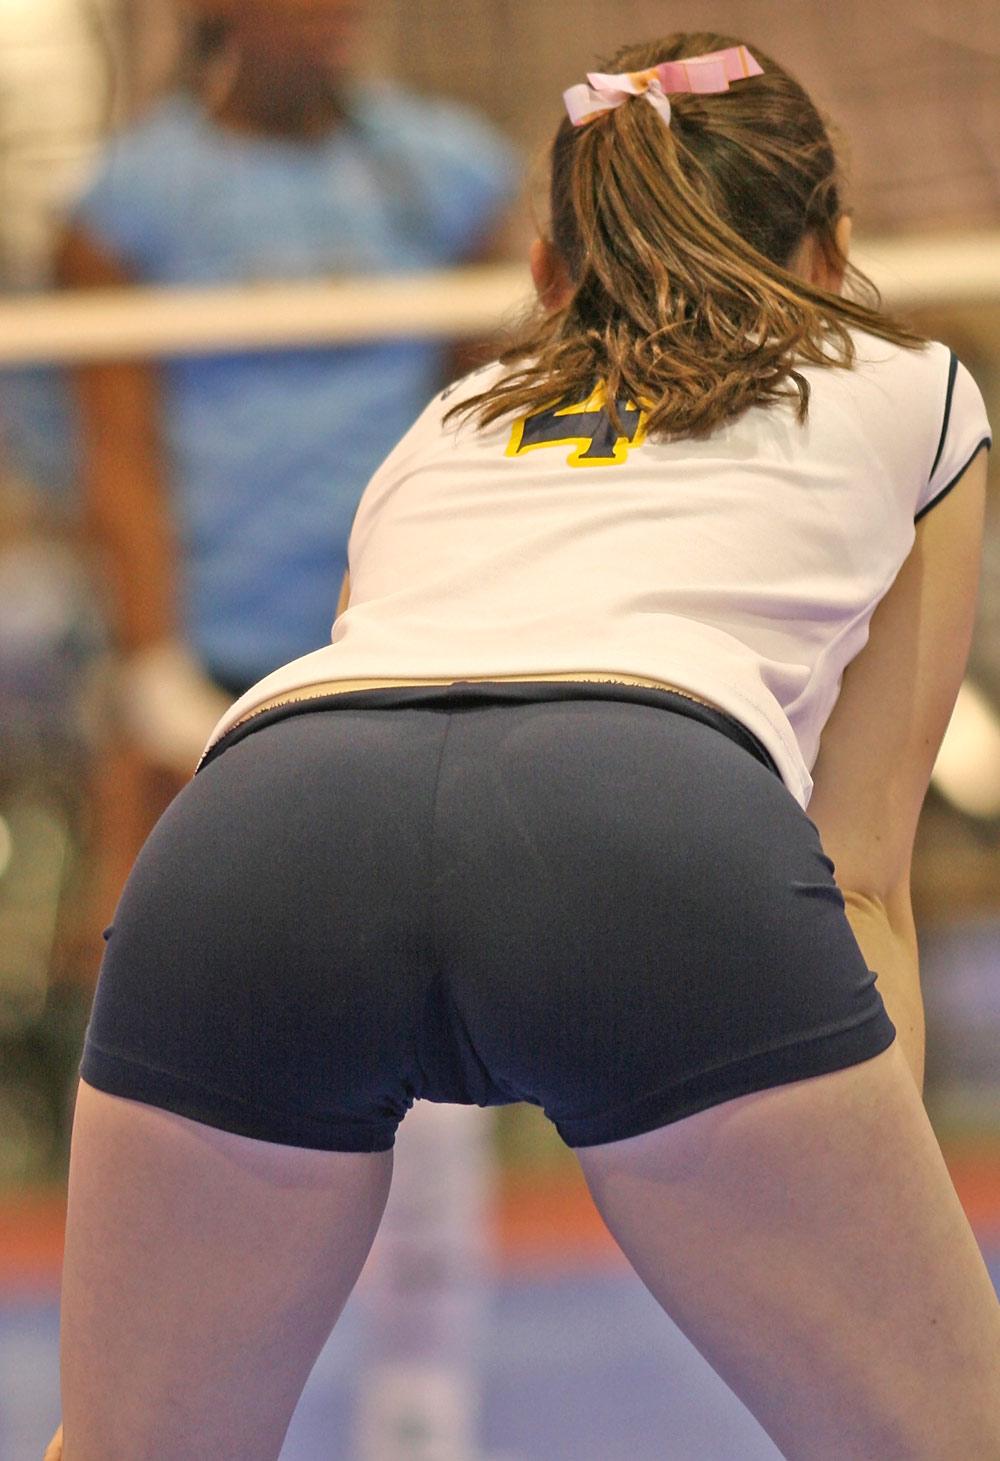 Секс с молоденькую спортсменку 23 фотография